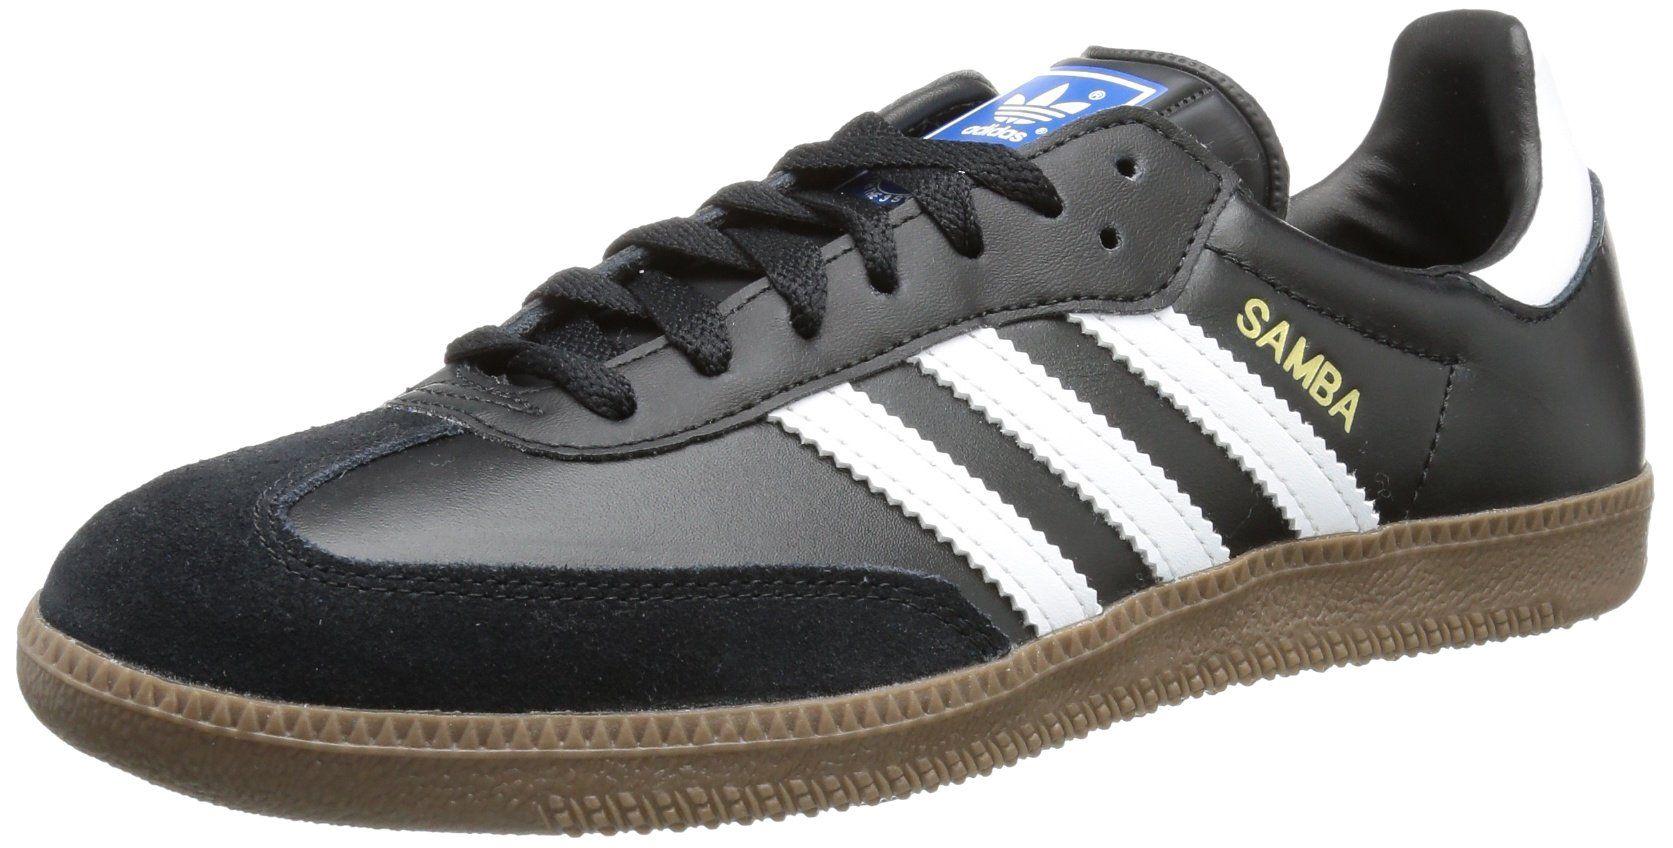 f5267a7fef66 adidas Originals Men s Samba Soccer-Inspired Sneaker